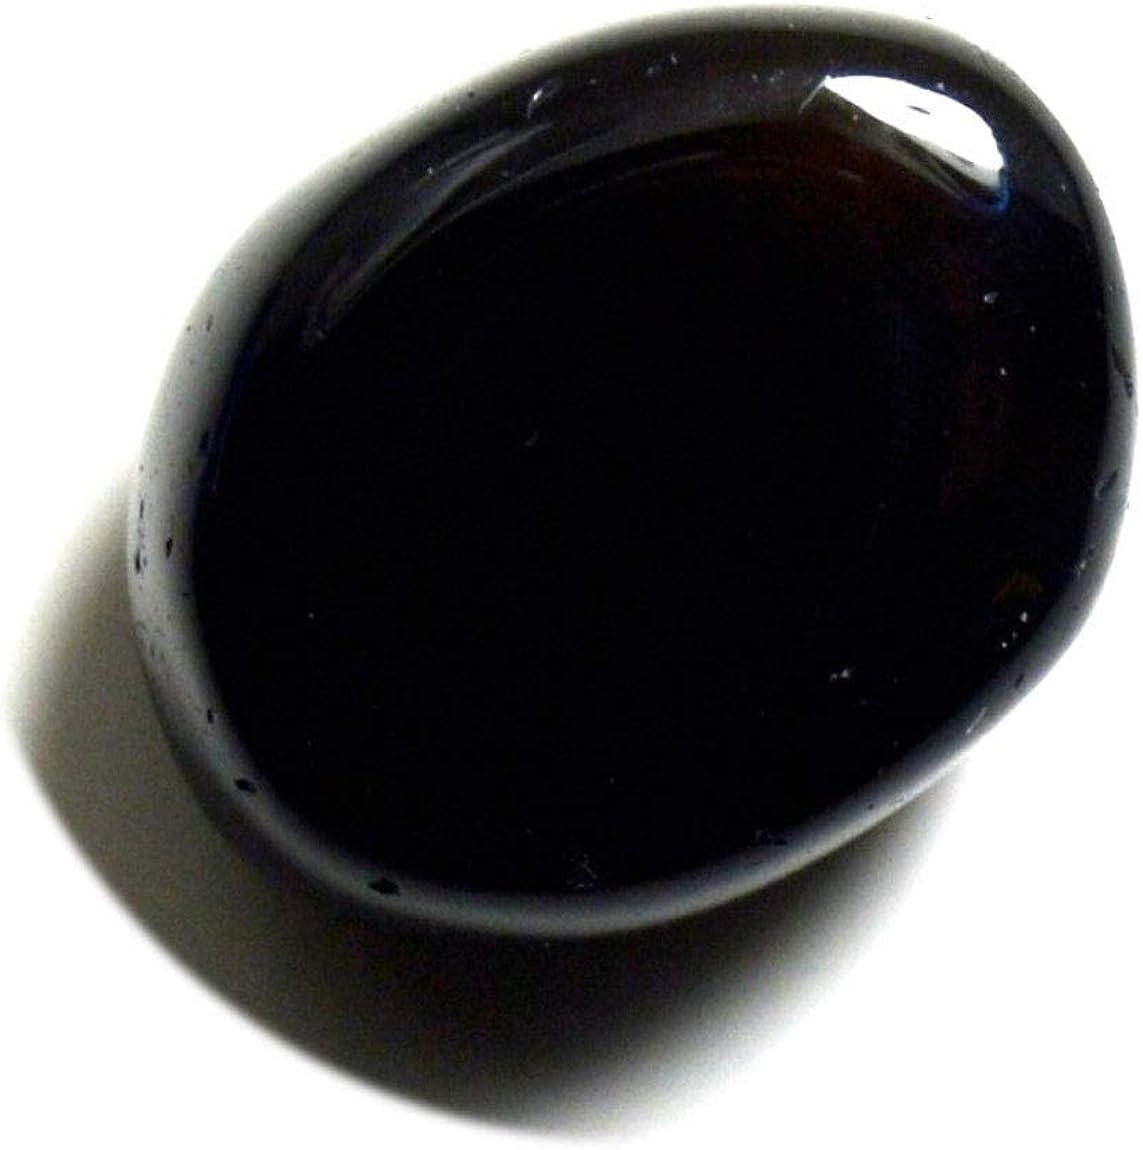 Jewelryonclick Pierre Noire de gu/érison de Forme Ovale de Pierre pr/écieuse donyx Noir de 6 carats pour des Bijoux /à Prix de Gros